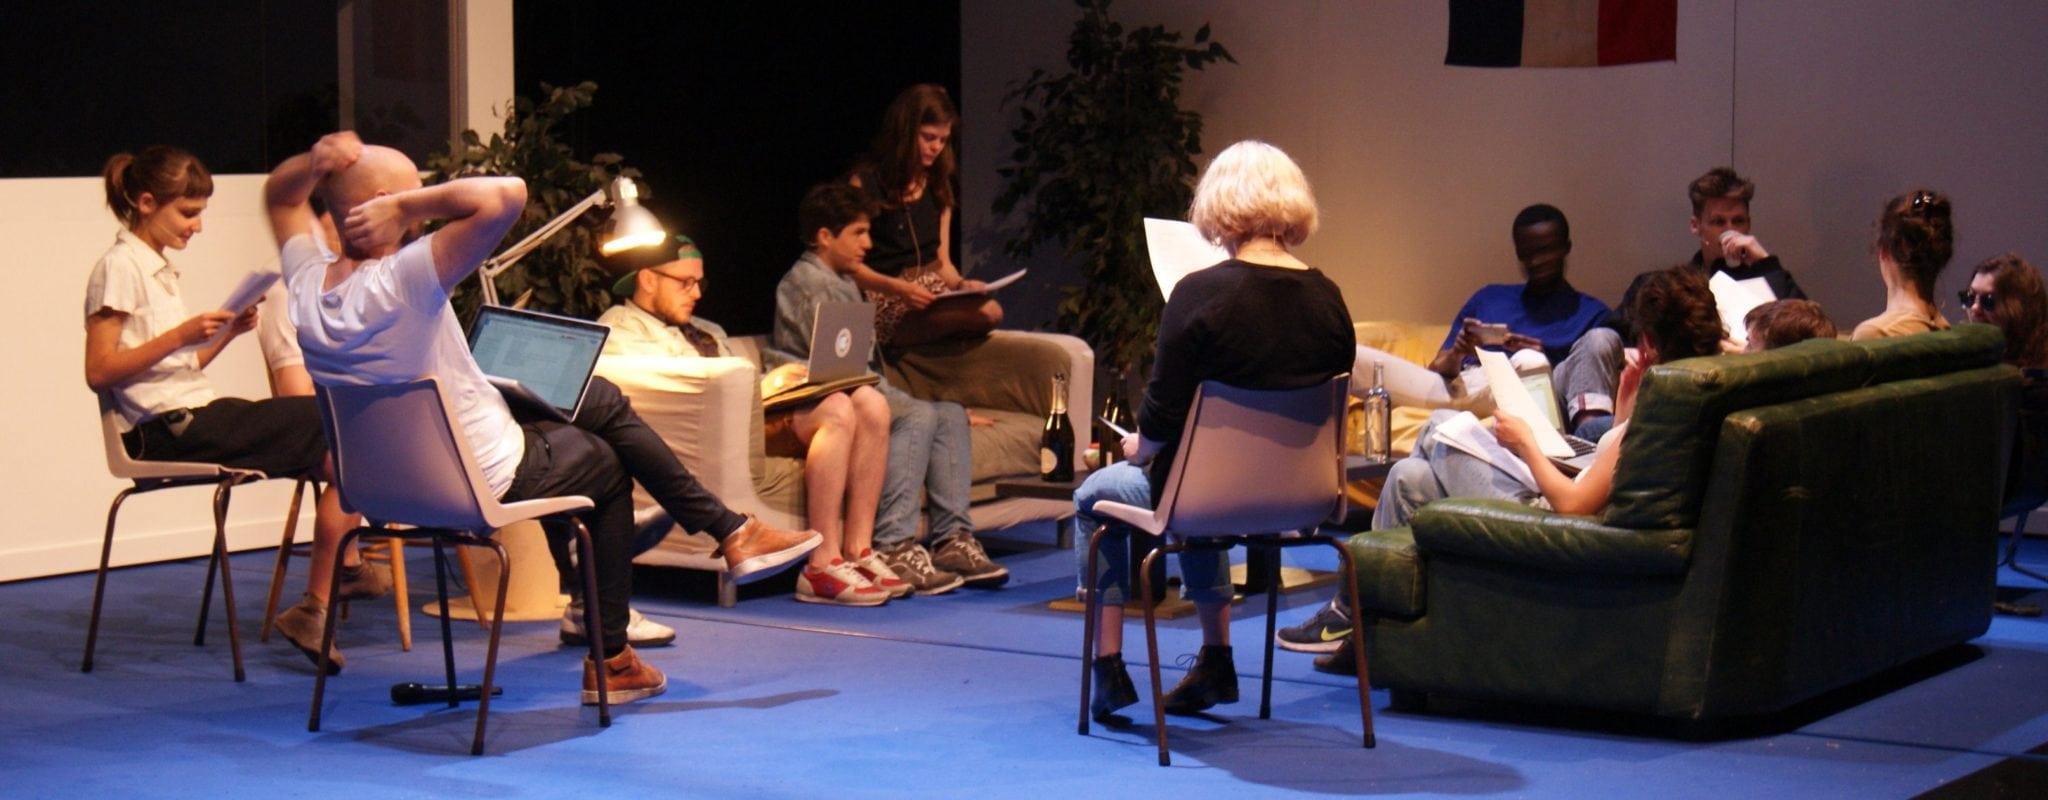 L'école du Théâtre national de Strasbourg, une fabrique de rencontres et d'expériences